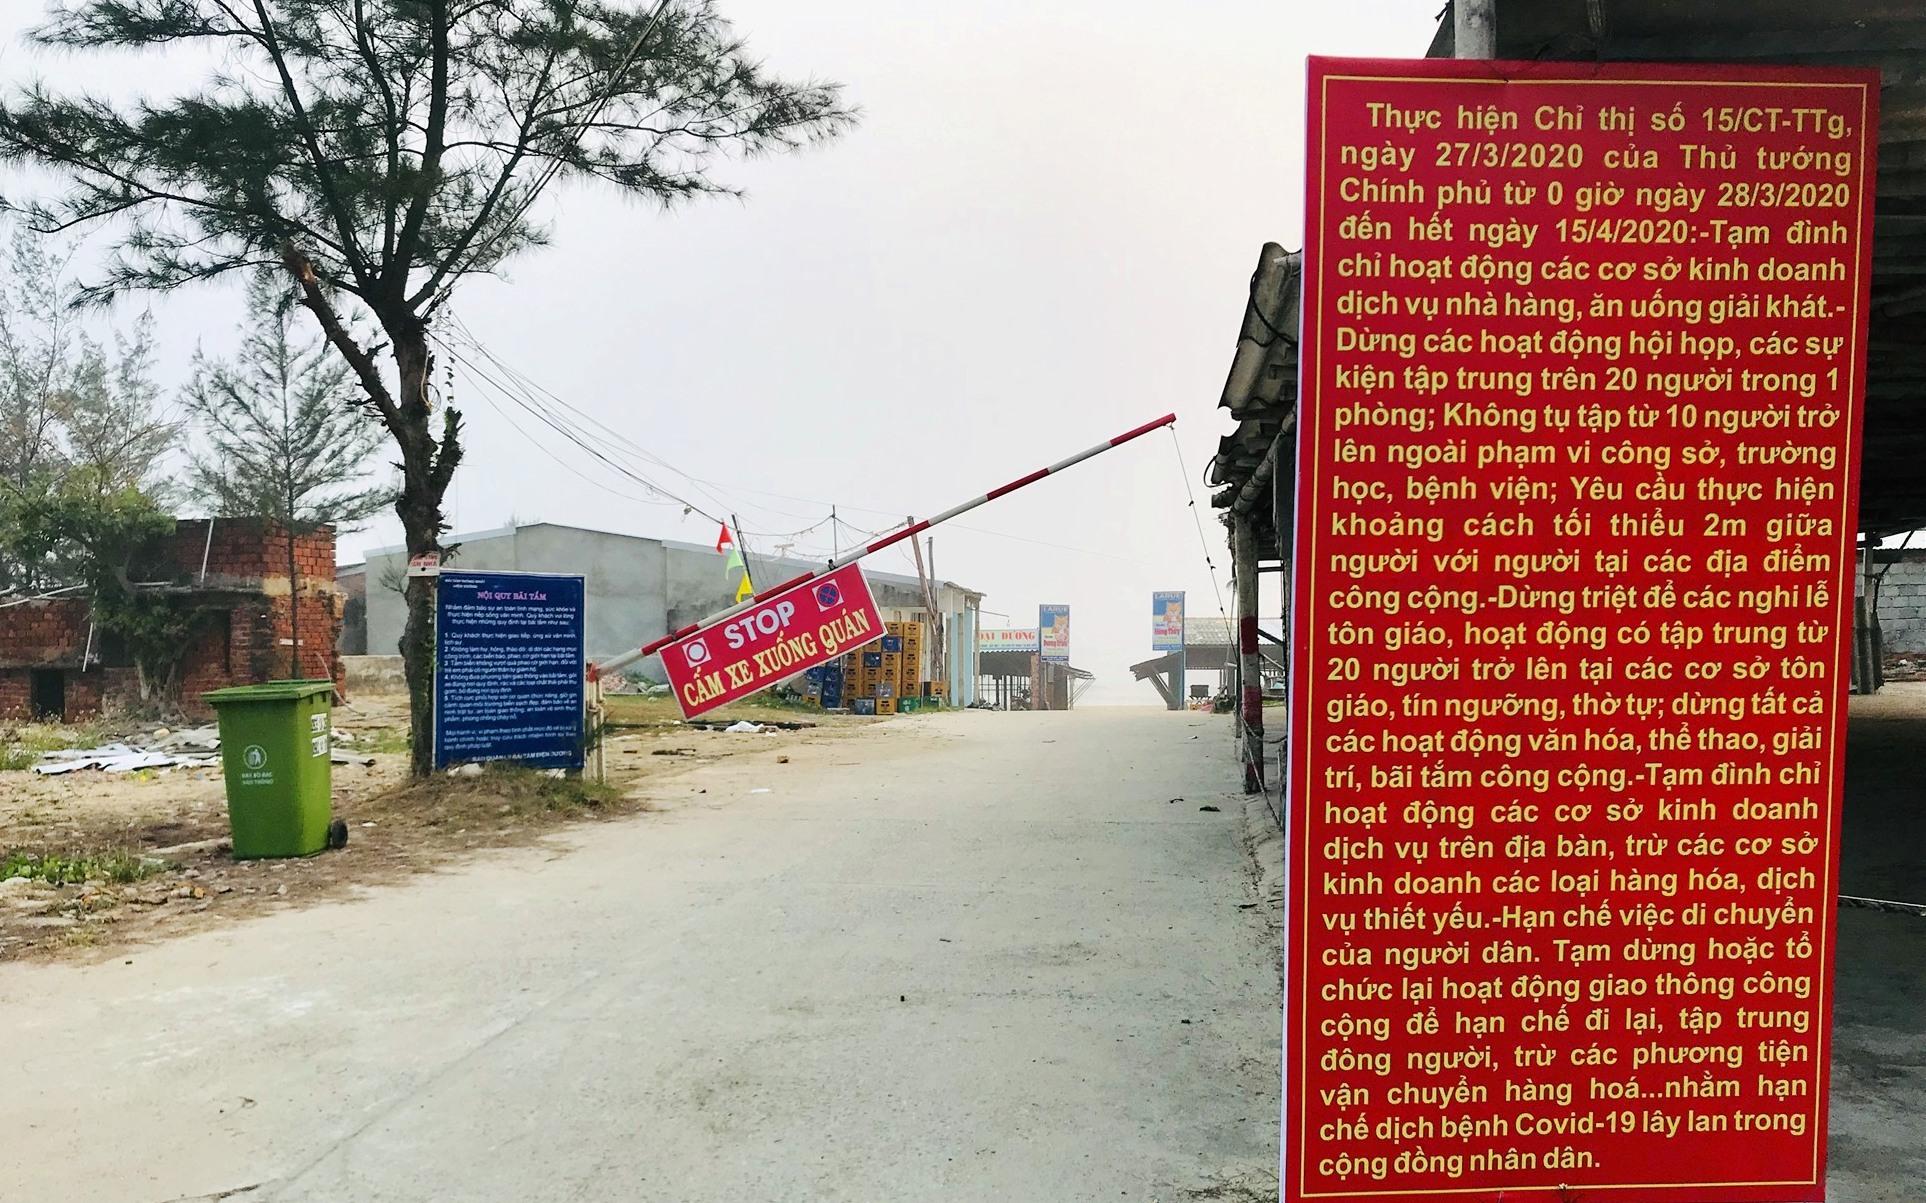 Biển Thống Nhất (phường Điện Dương) đã tạm dừng hoạt động để bảo đảm an toàn cho cộng đồng. Ảnh: Q.T